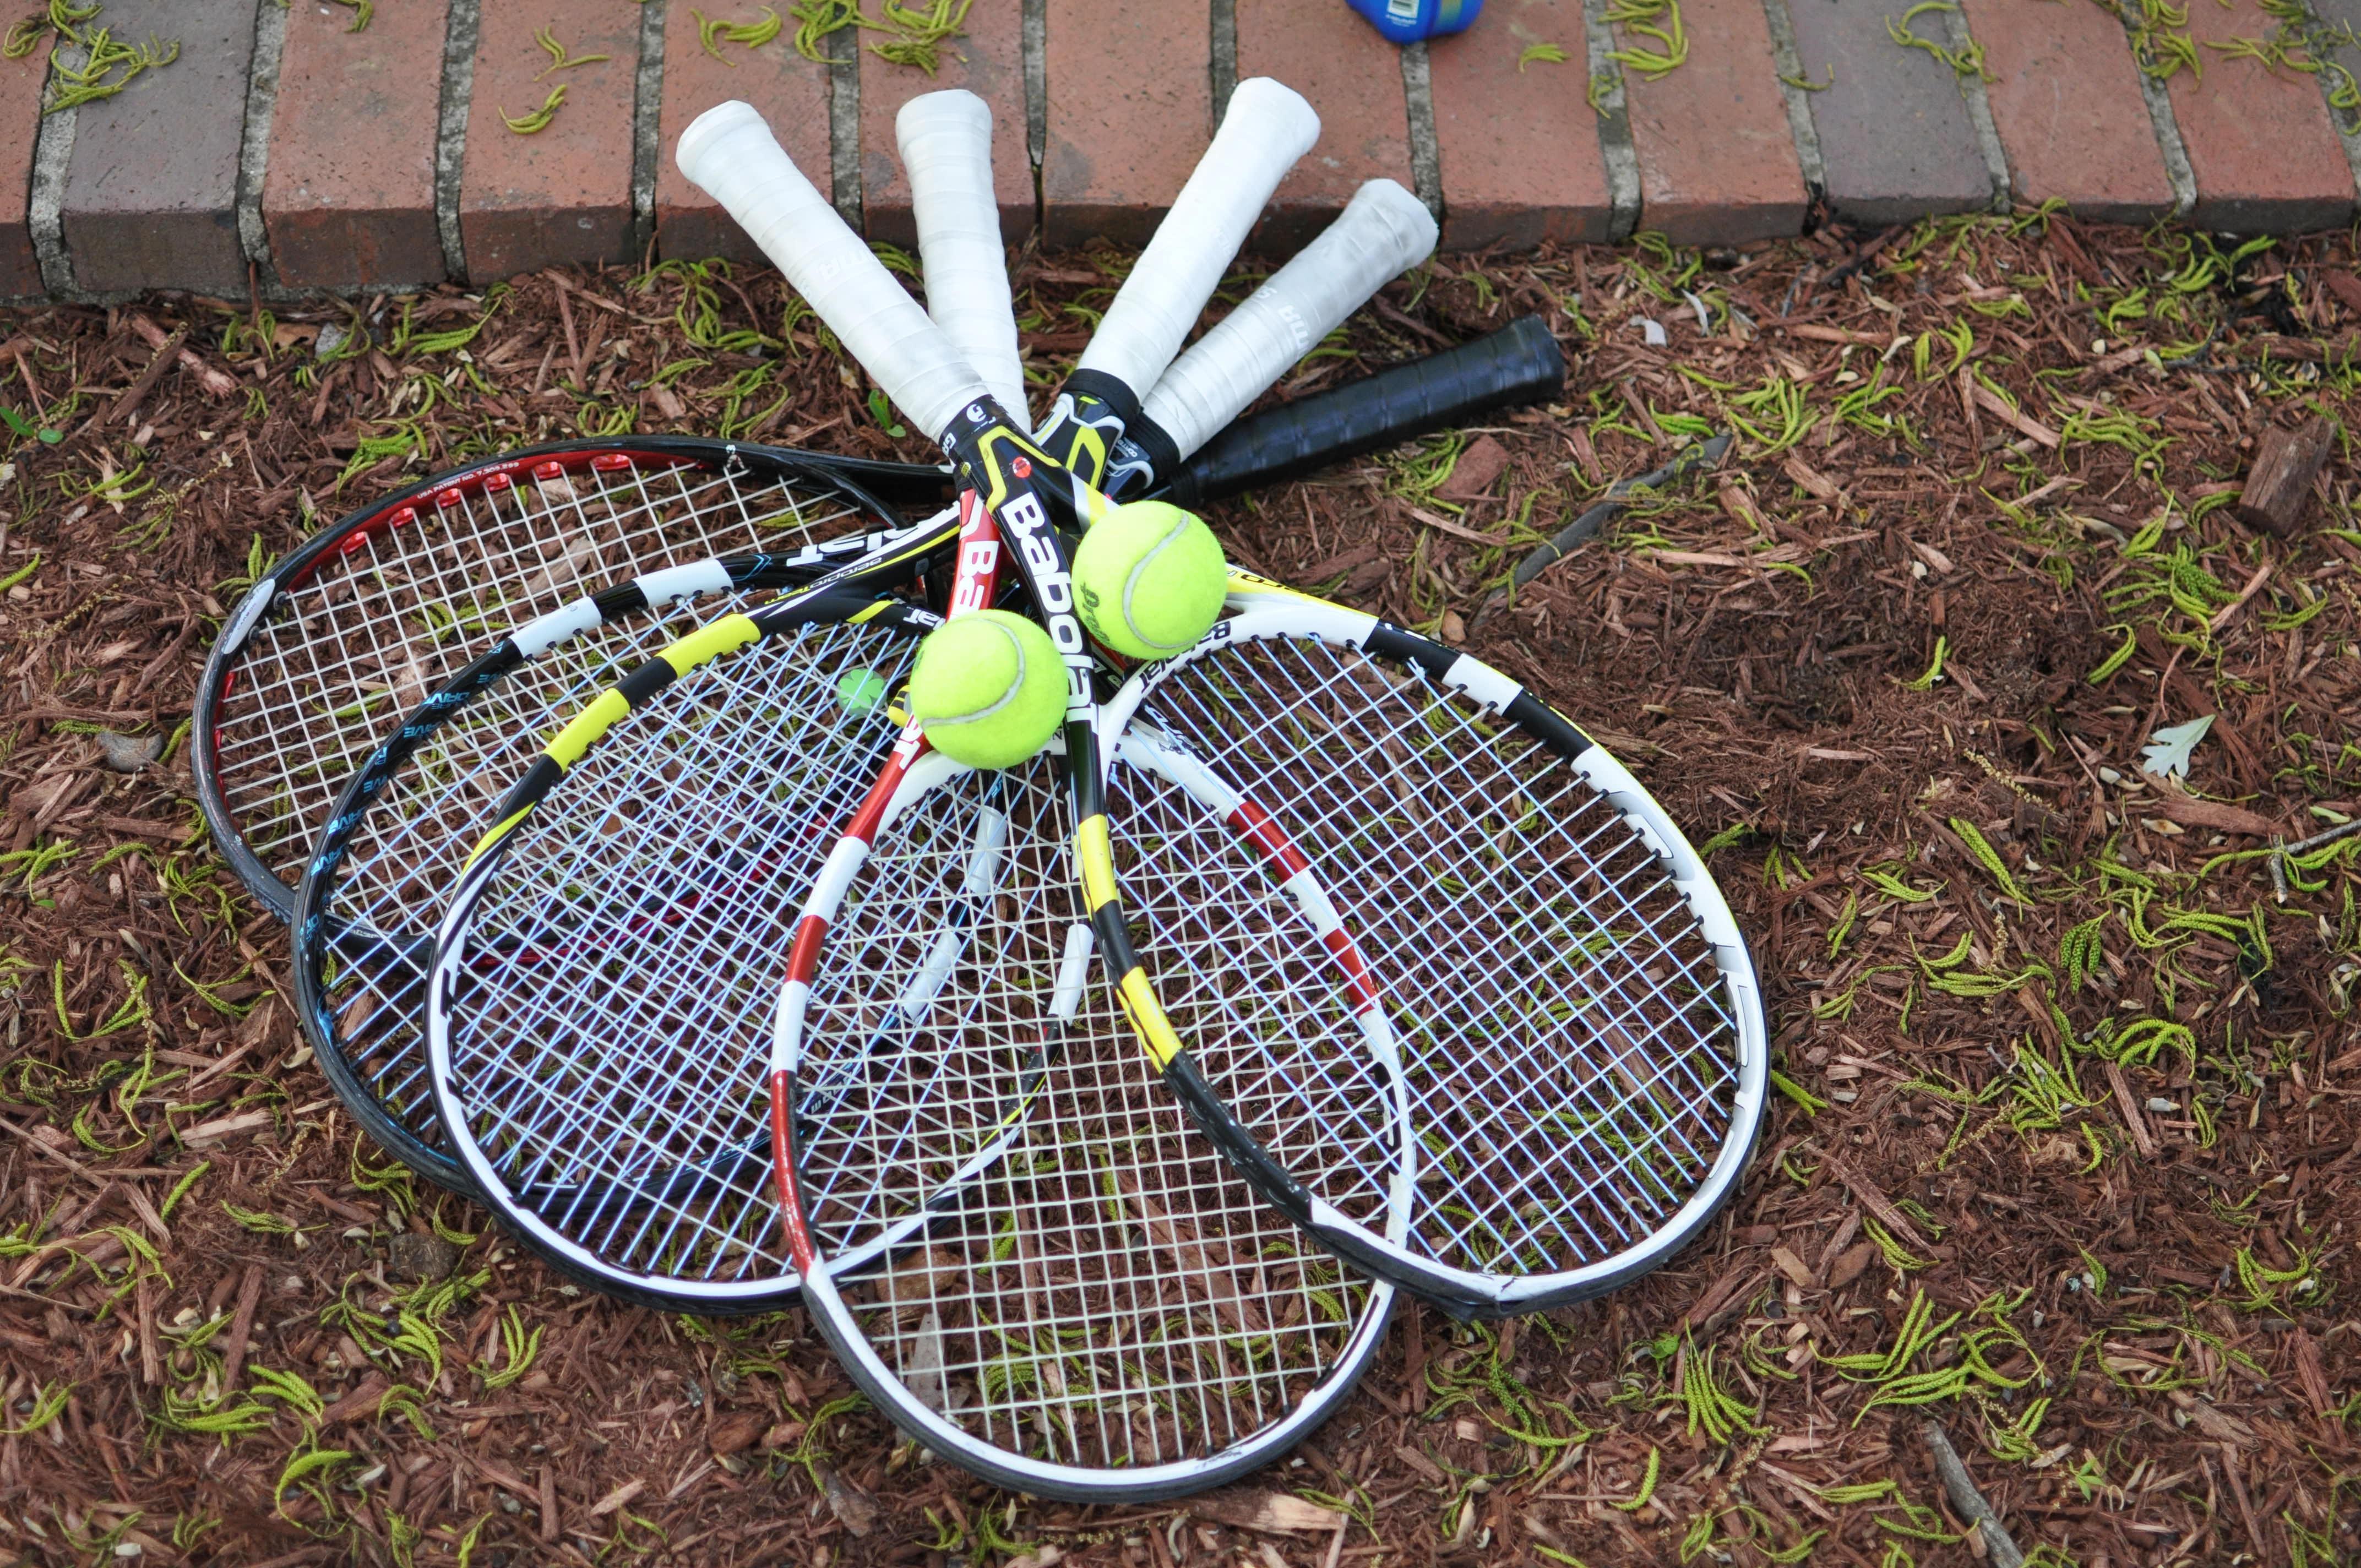 fb108a17 Bildet : hjul, utstyr, sportsutstyr, tennis, sport, nett, baller ...